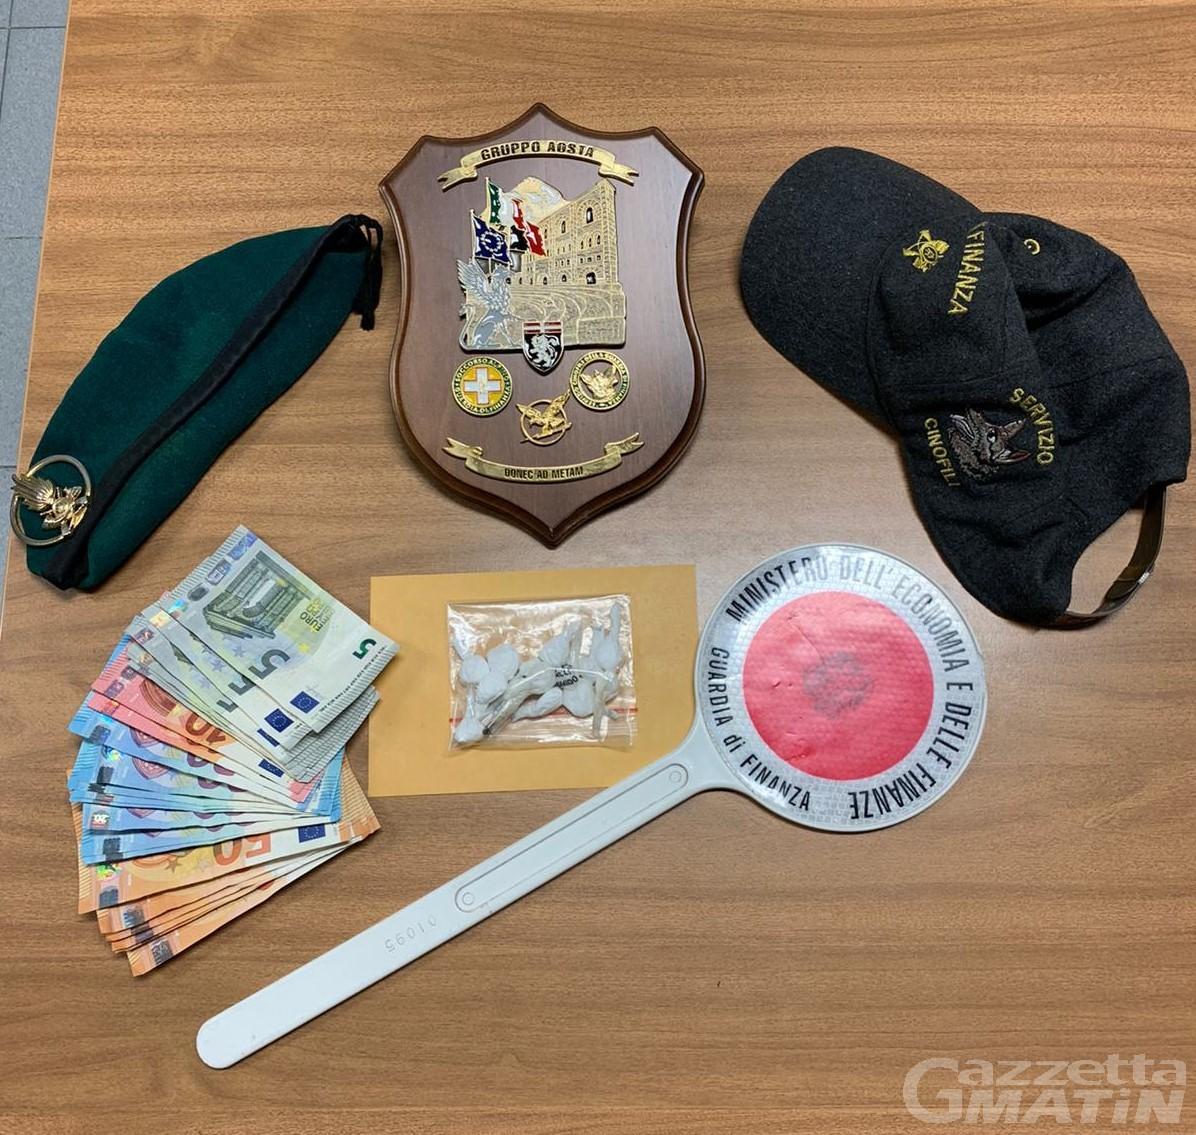 Coronavirus, giovane sorpreso in giro senza autocertificazione ma con 14 dosi di cocaina: arrestato